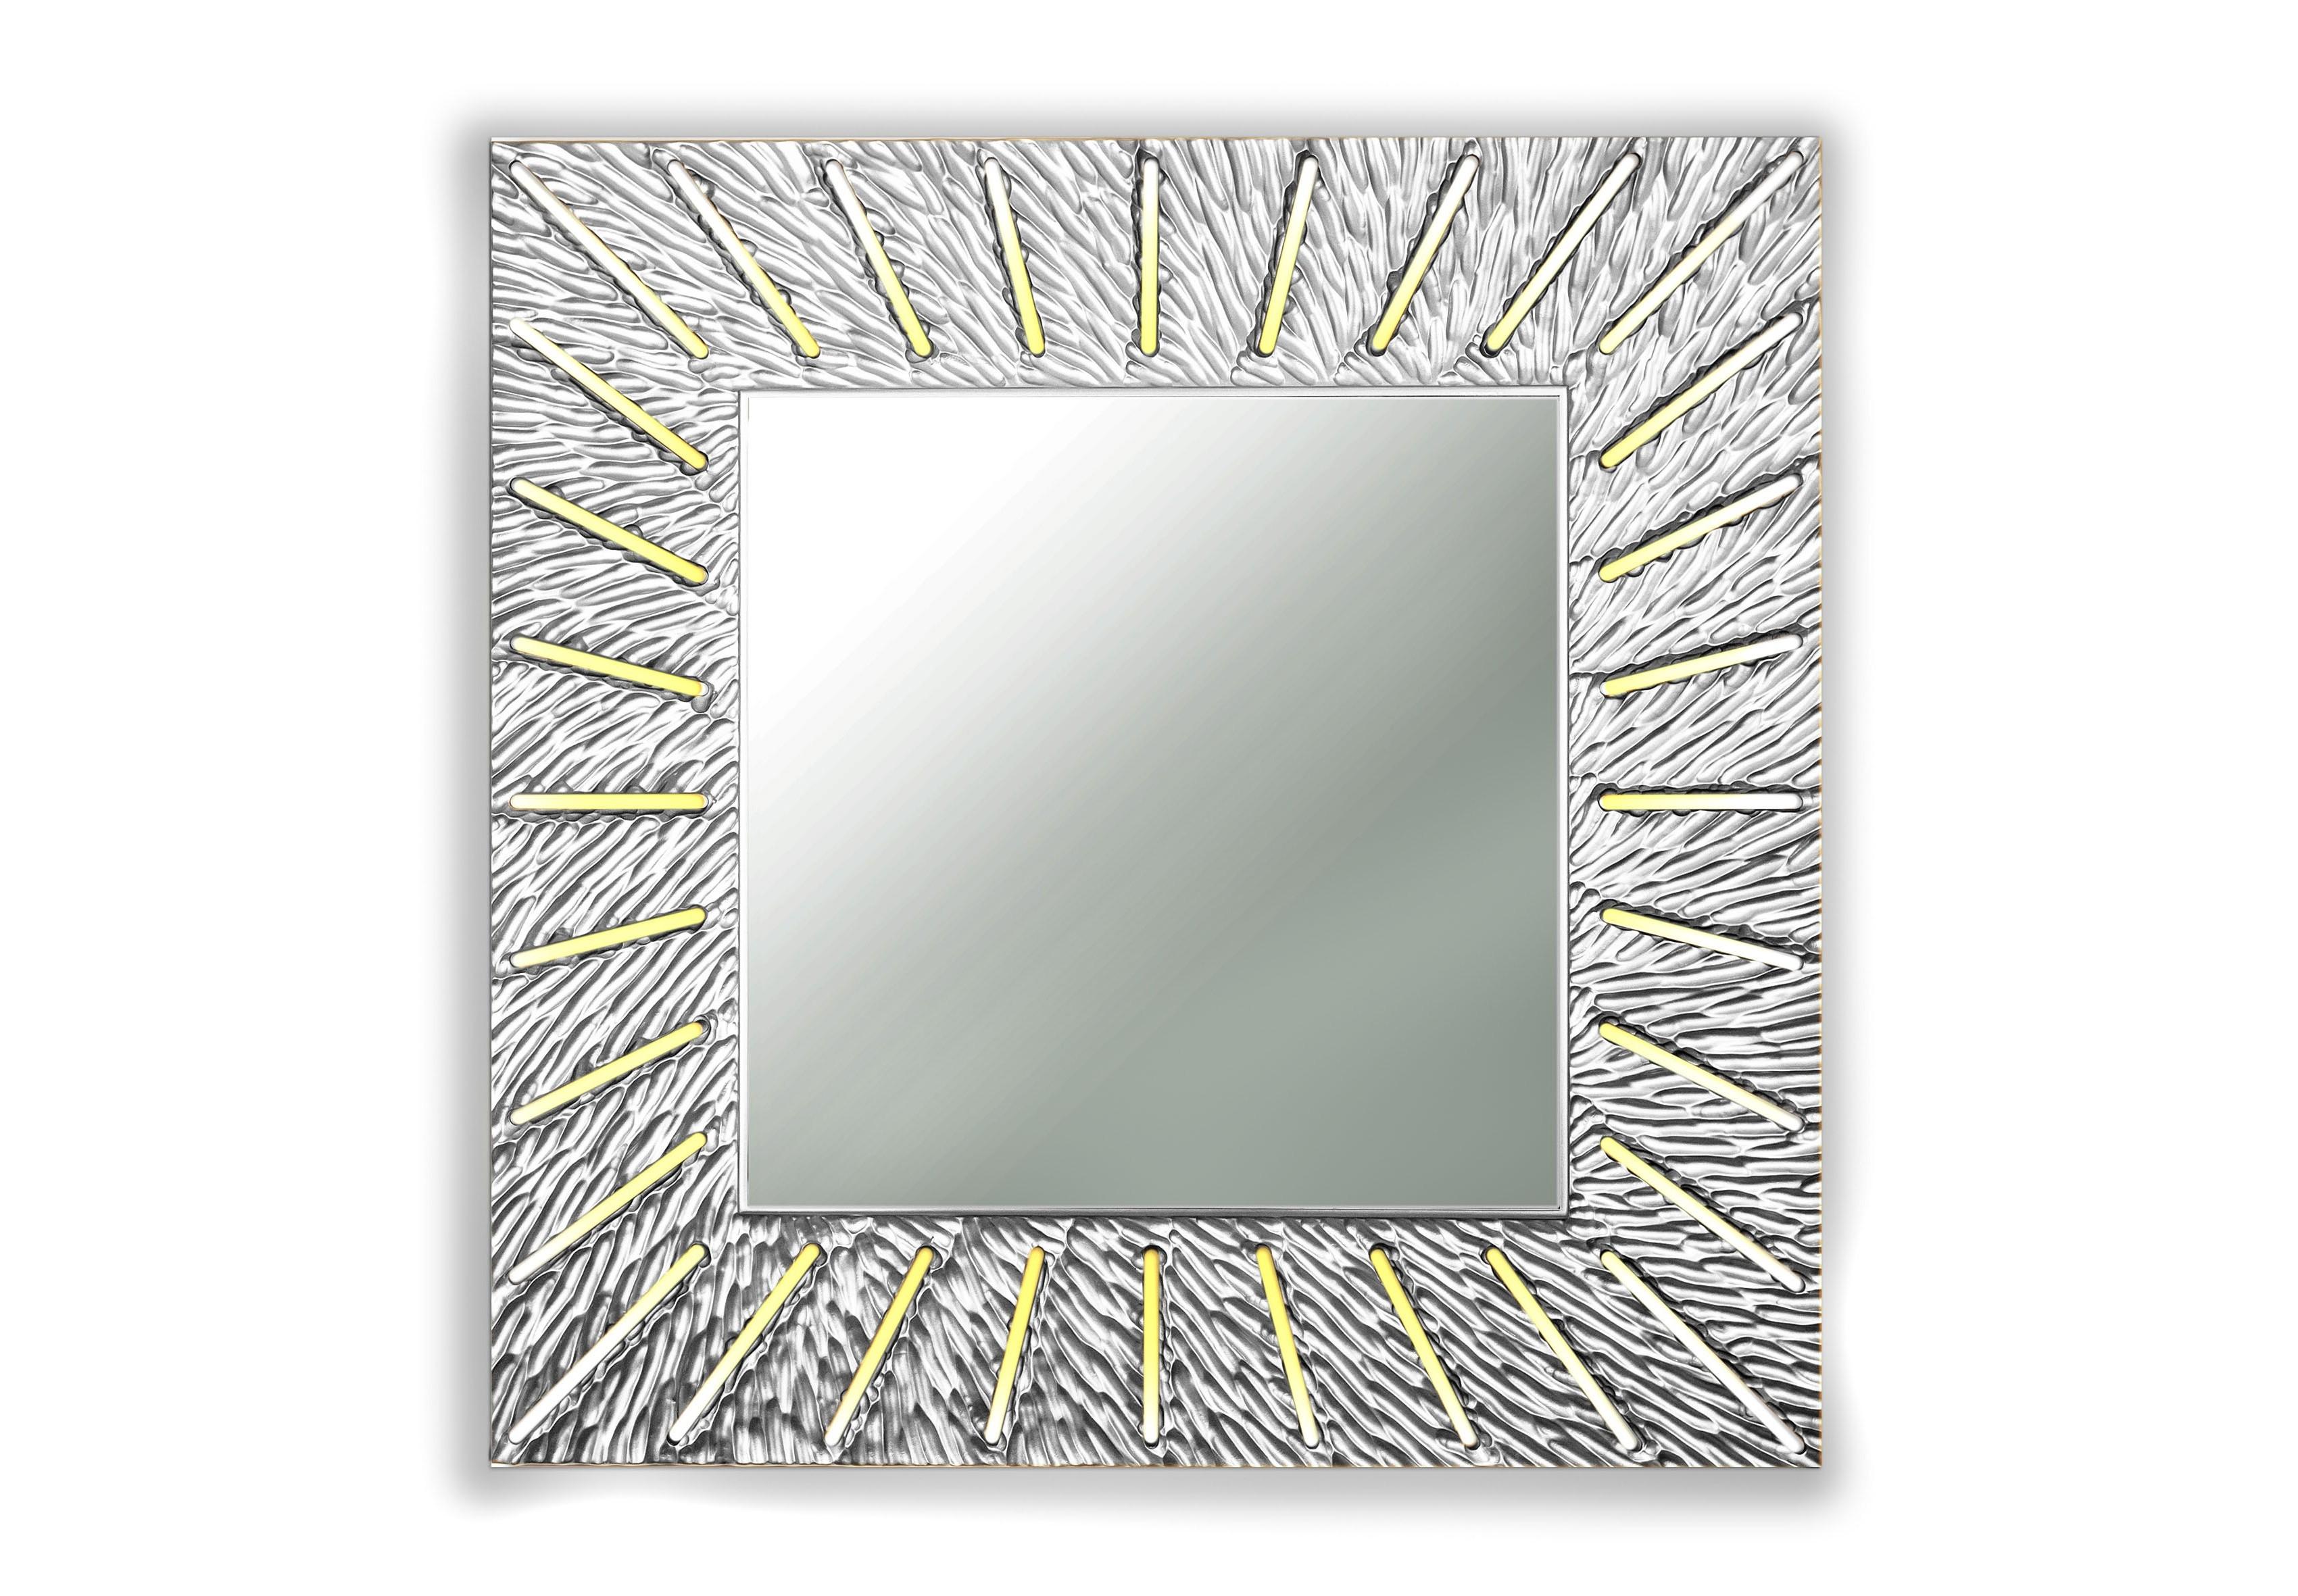 Зеркало SUNSHINEНастенные зеркала<br>С лучами солнца в дом приходят радость и веселье. <br>Распахните жизнь им навстречу, чтобы каждый день приносил удачу. <br>Символ солнца и изобилия-коллекция зеркал Sunshine согреет и осветит ваш дом.&amp;amp;nbsp;&amp;lt;div&amp;gt;&amp;lt;br&amp;gt;&amp;lt;/div&amp;gt;&amp;lt;div&amp;gt;&amp;lt;p class=&amp;quot;MsoNormal&amp;quot;&amp;gt;Товарное предложение оснащено светодиодной подсветкой.&amp;lt;o:p&amp;gt;&amp;lt;/o:p&amp;gt;&amp;lt;/p&amp;gt;&amp;lt;/div&amp;gt;<br><br>Material: Дерево<br>Ширина см: 90<br>Высота см: 90